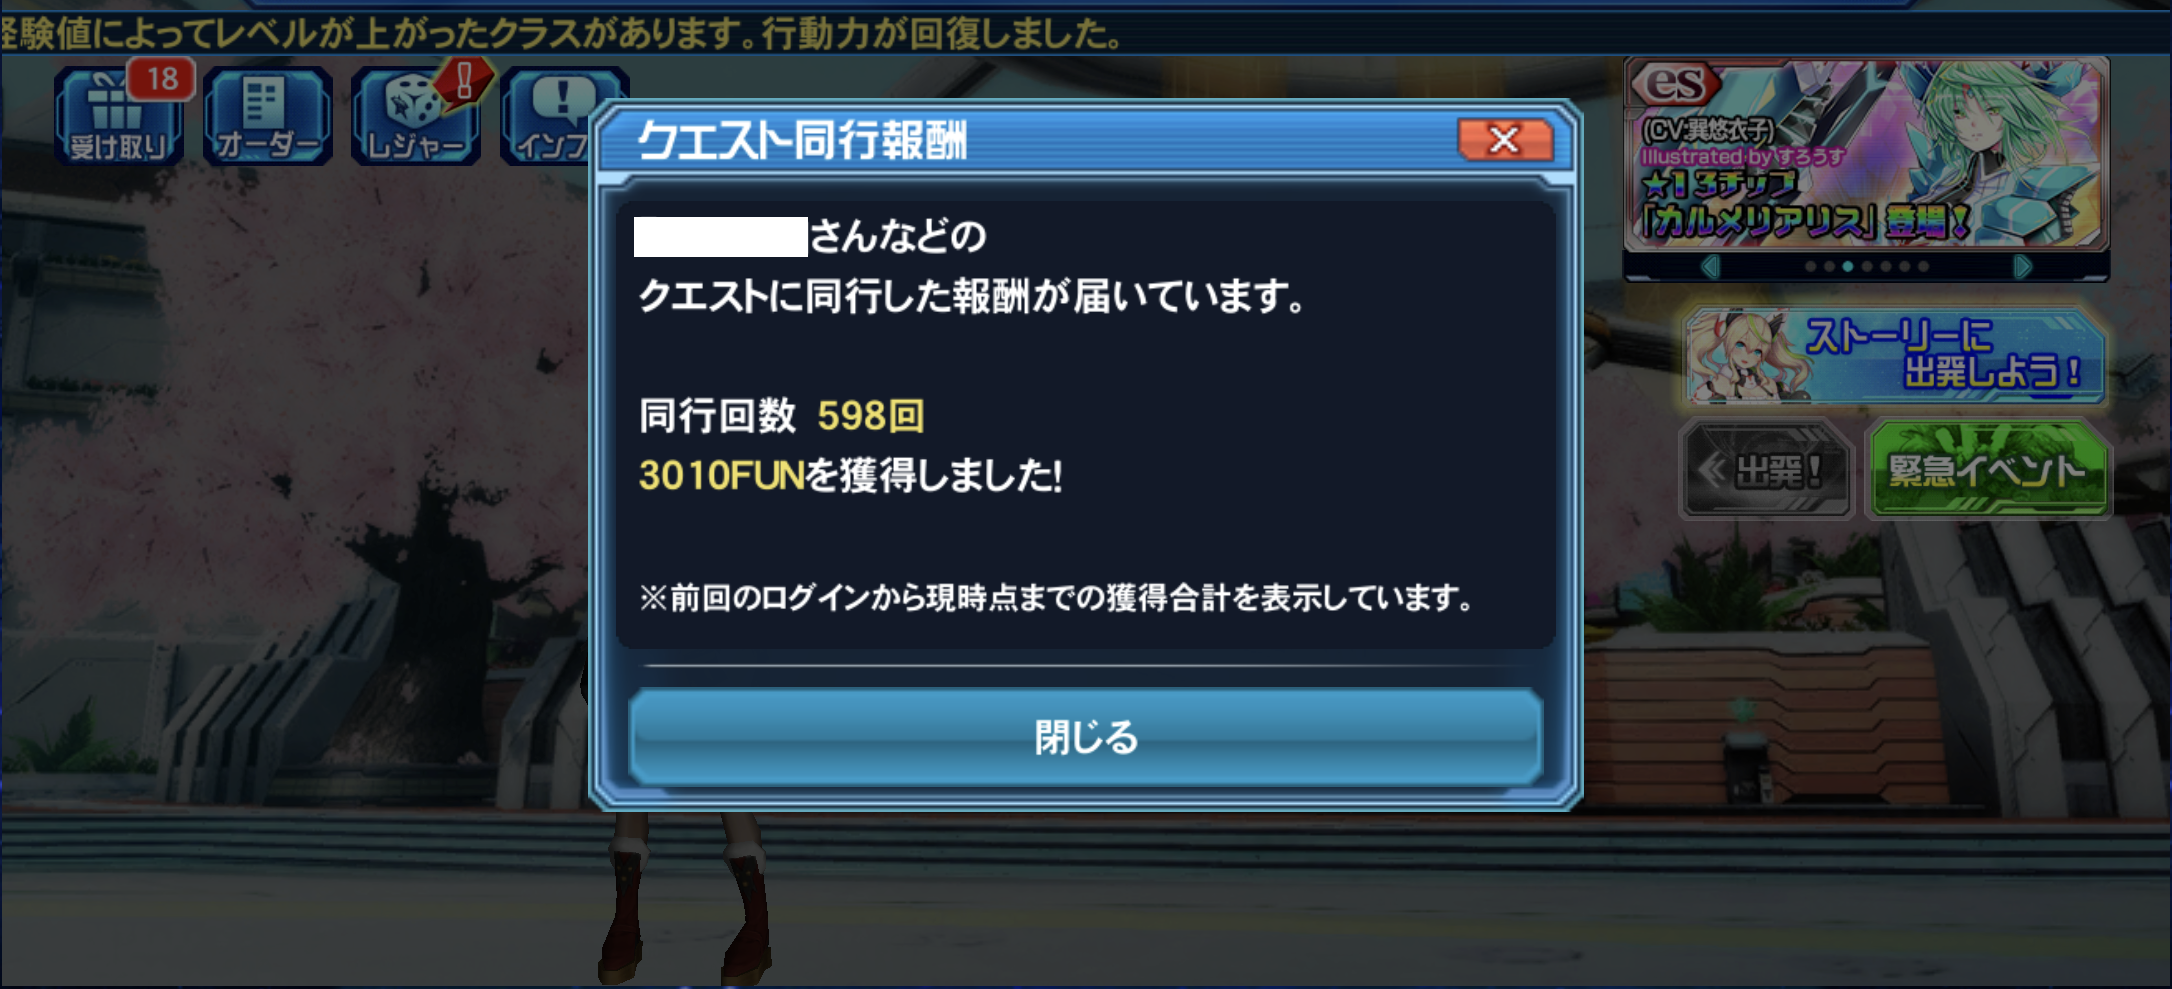 20200409194106bc6.png